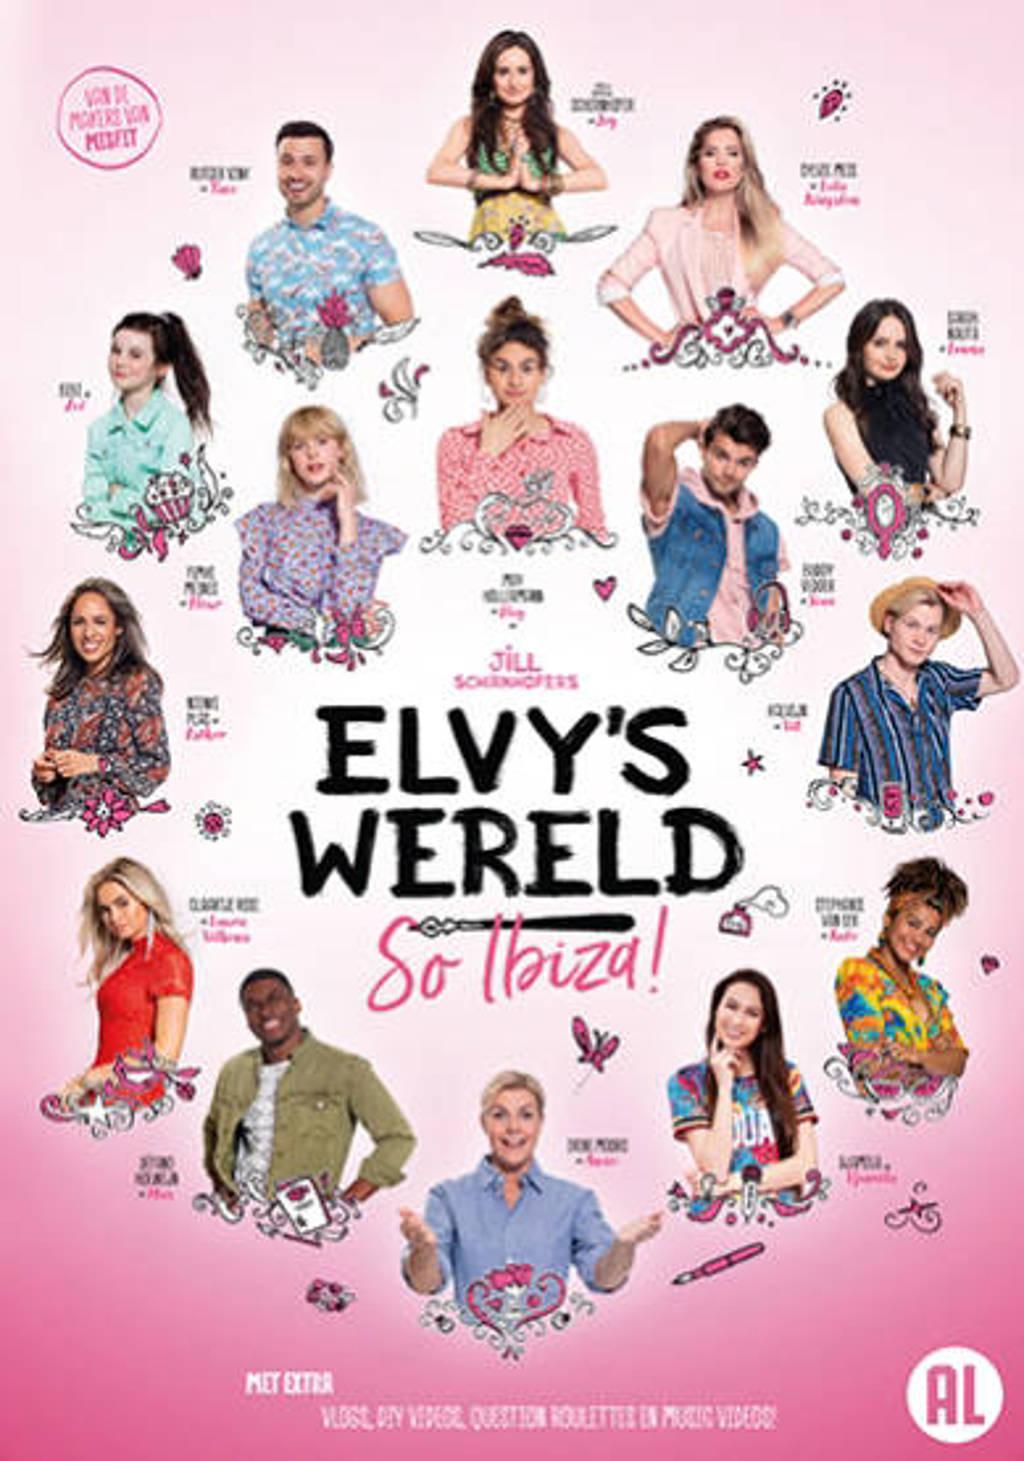 Elvy's wereld - So Ibiza (DVD)